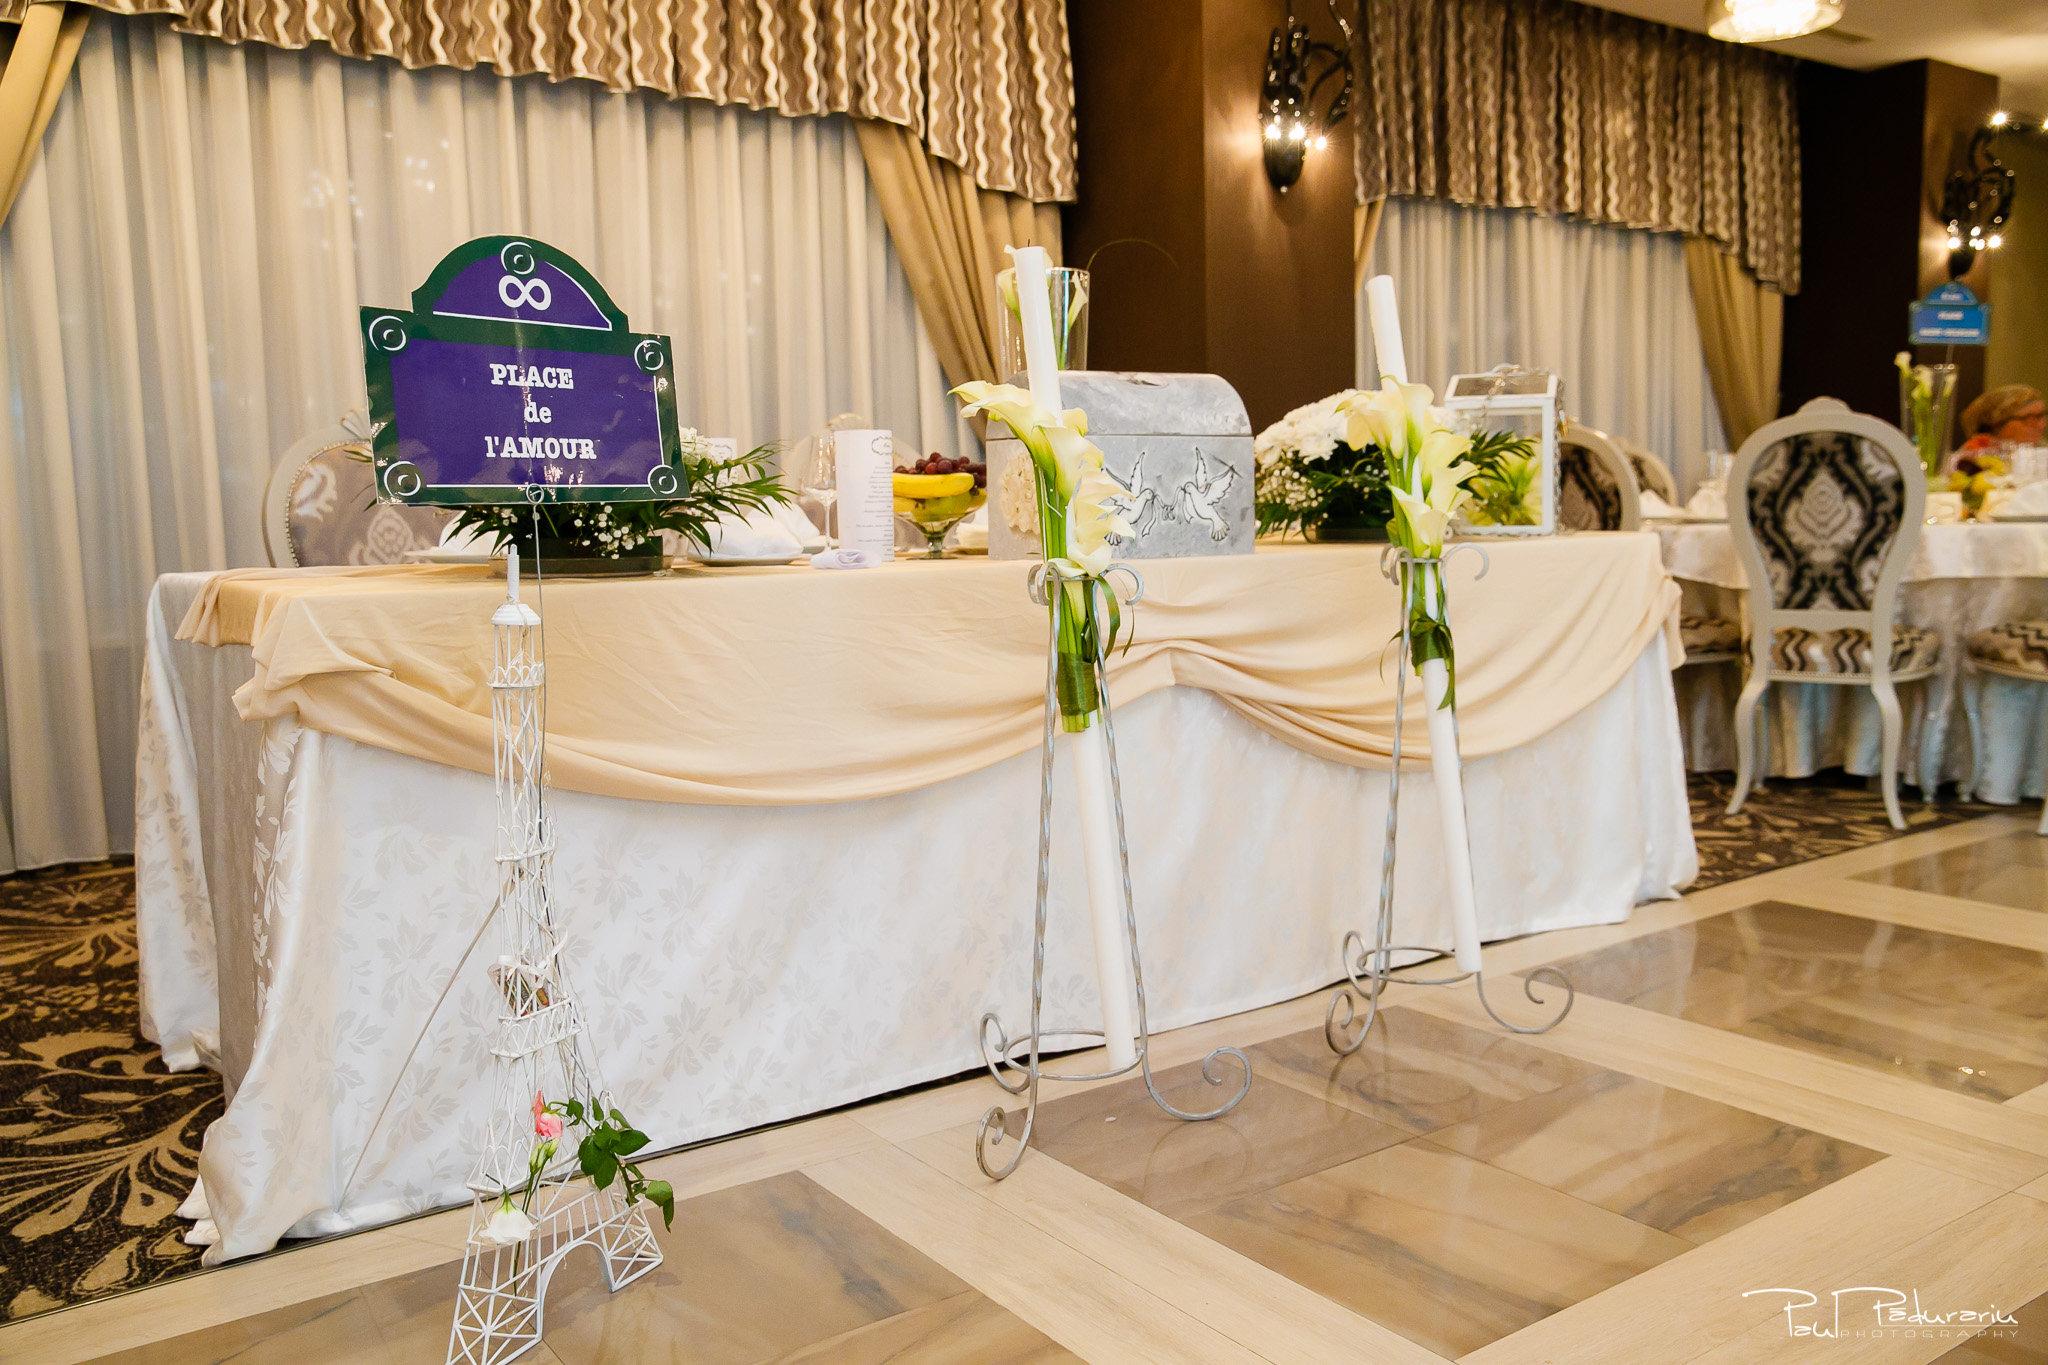 Petrecere la Pleaiada nunta Ema si Tudor fotograf profesionist de nunta iasi www.paulpadurariu.ro © 2017 Paul Padurariu masa prezidiu tema nuntii Paris